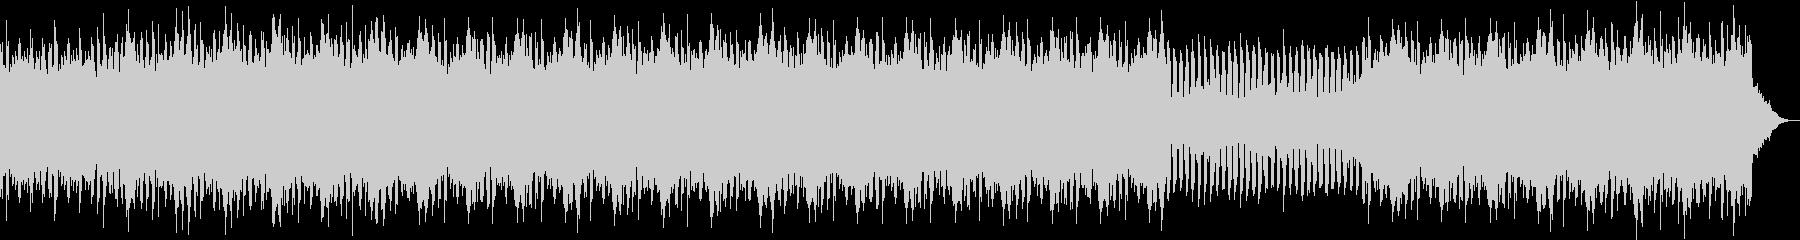 軽快なフルートのpops の未再生の波形